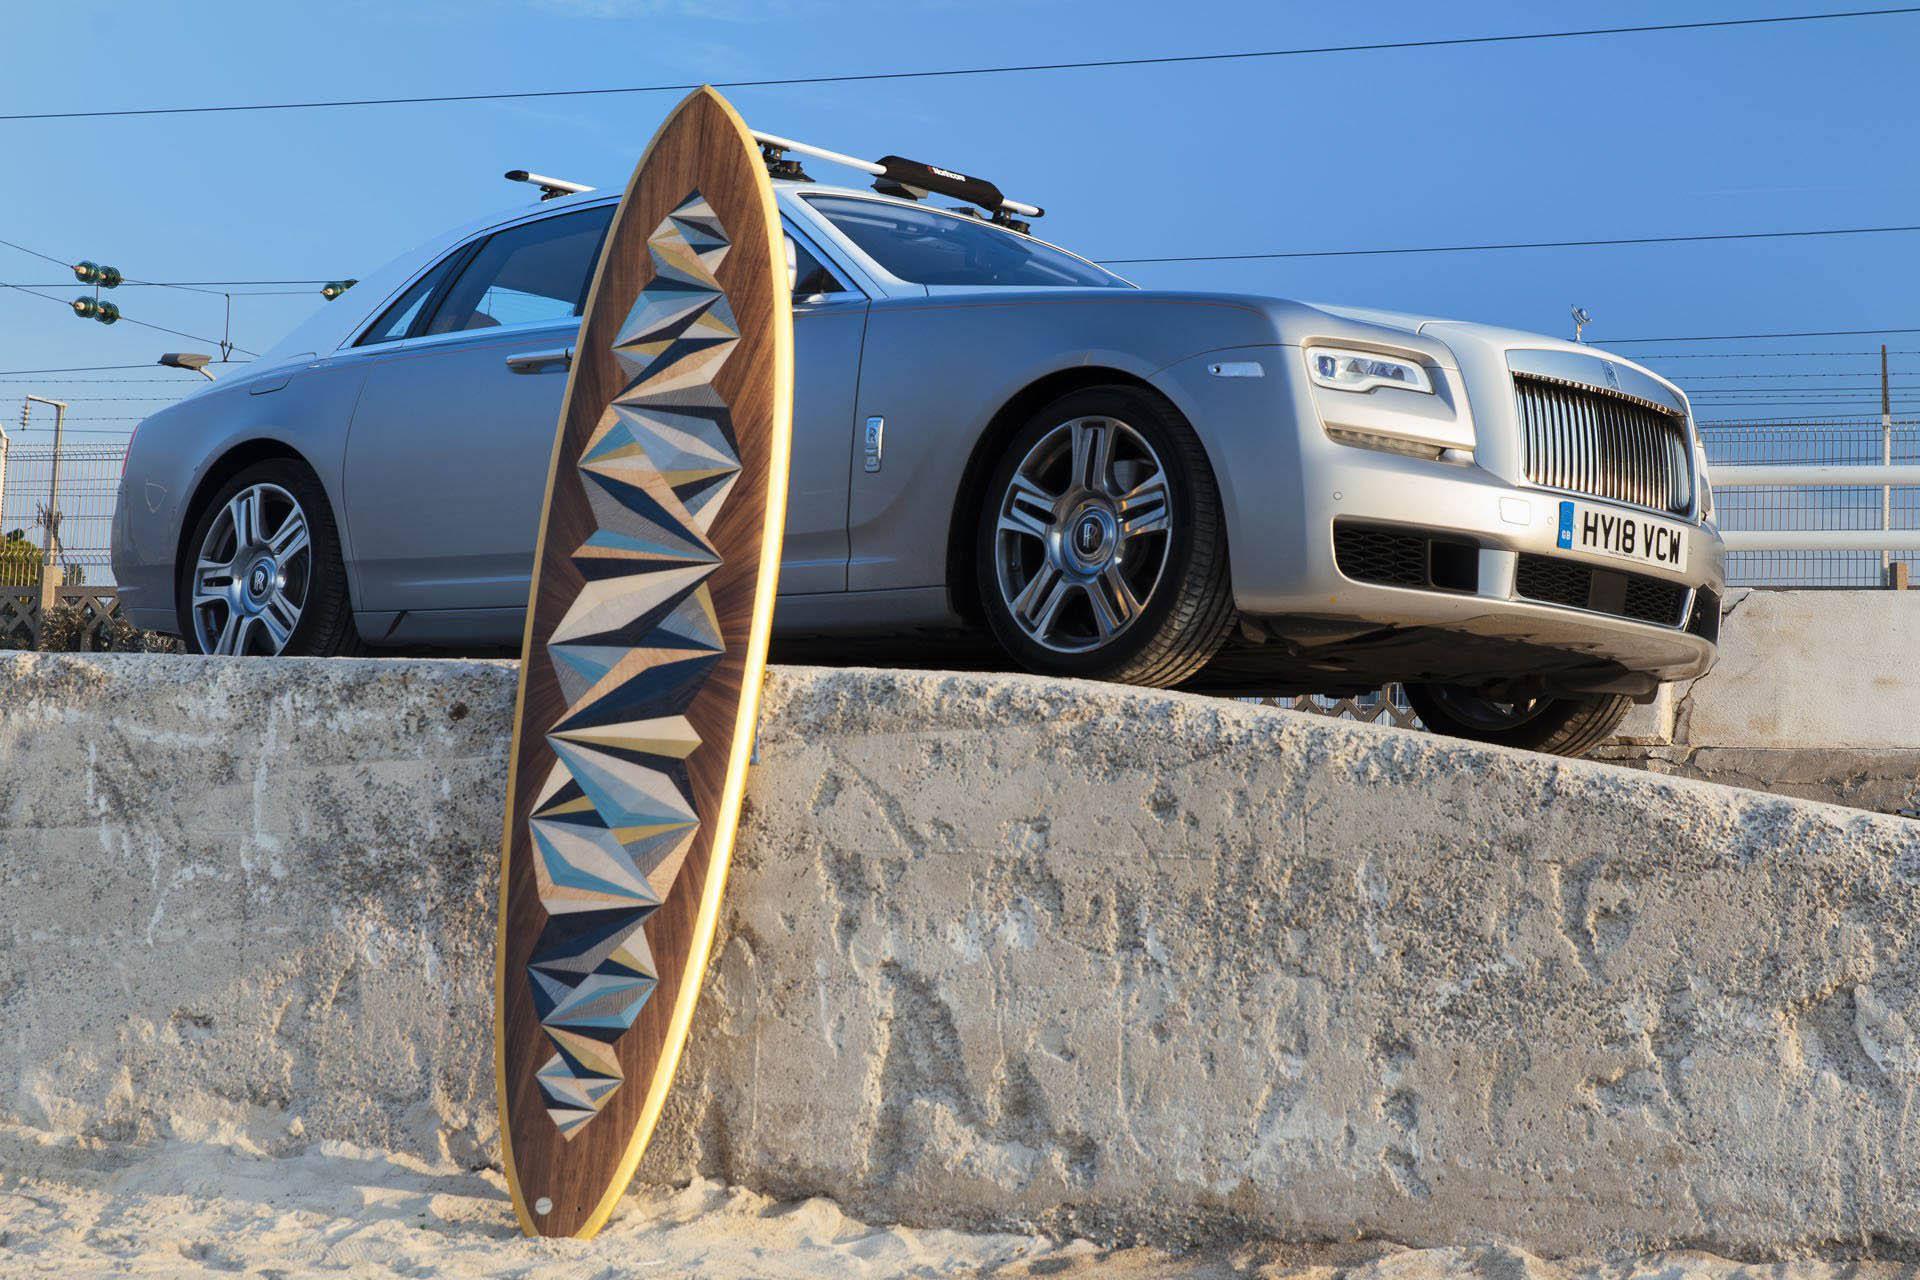 Bespoke Rolls-Royce Ghost